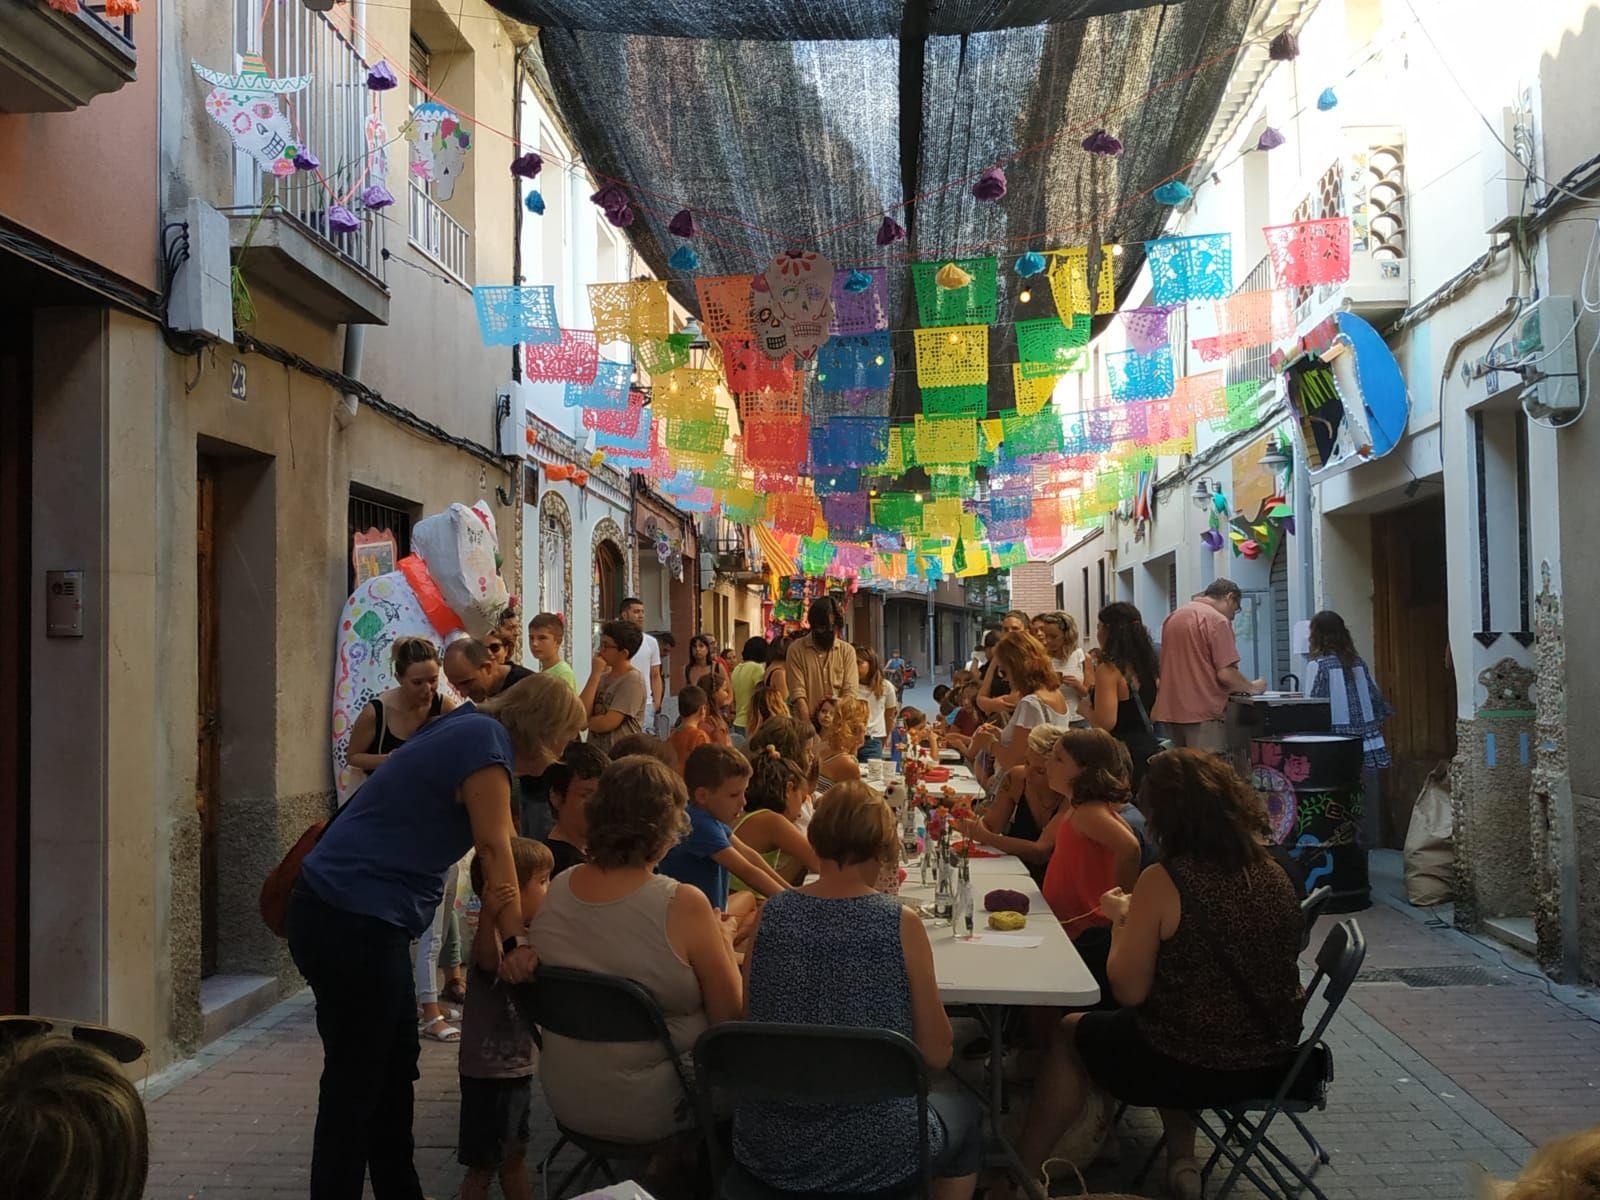 GALERIA! Les millors imatges de les festes del carrer Sant Jaume!